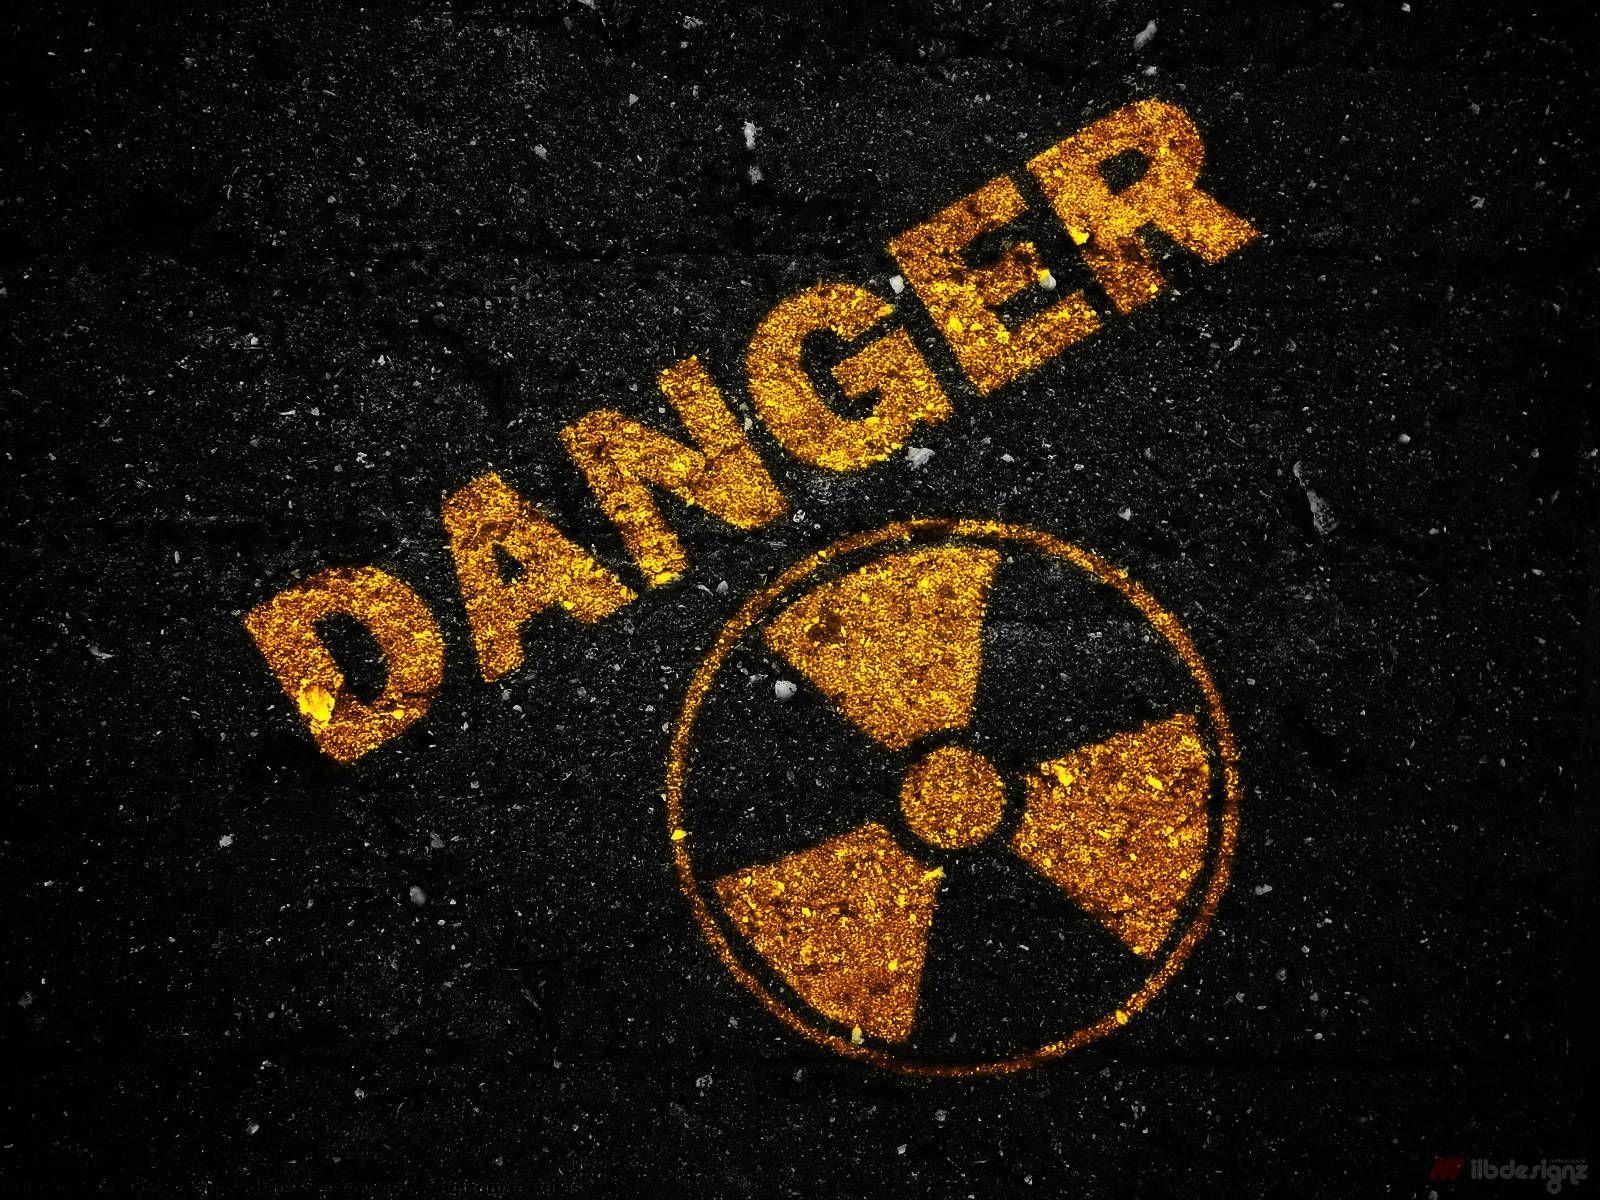 Hình nền Hình nền nguy hiểm 1600x1200.  Bài học mầm non